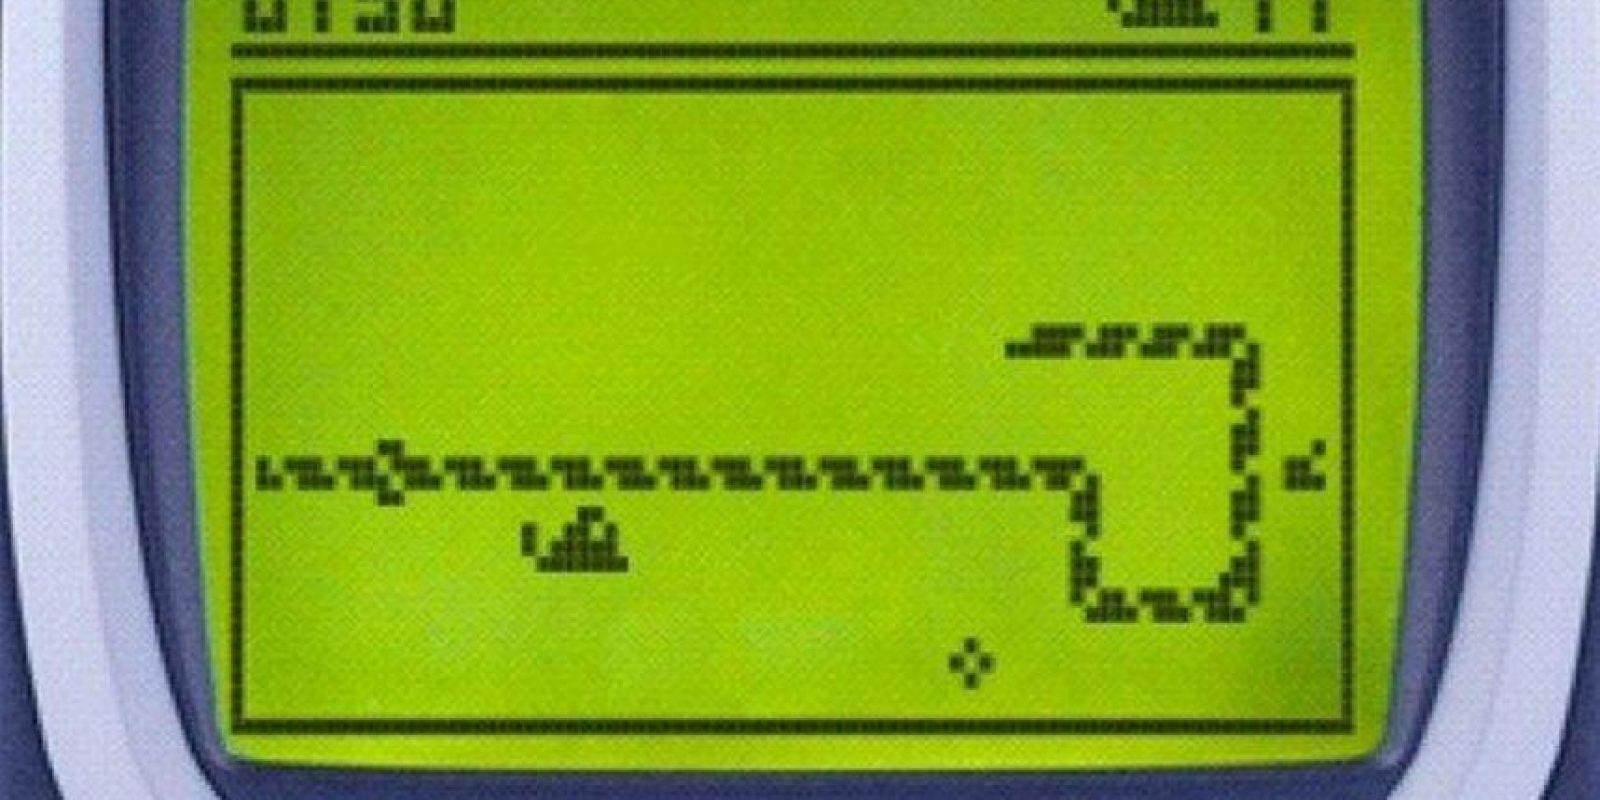 Los juegos no volverán a ser los mismos. Foto:Vía Tumblr.com